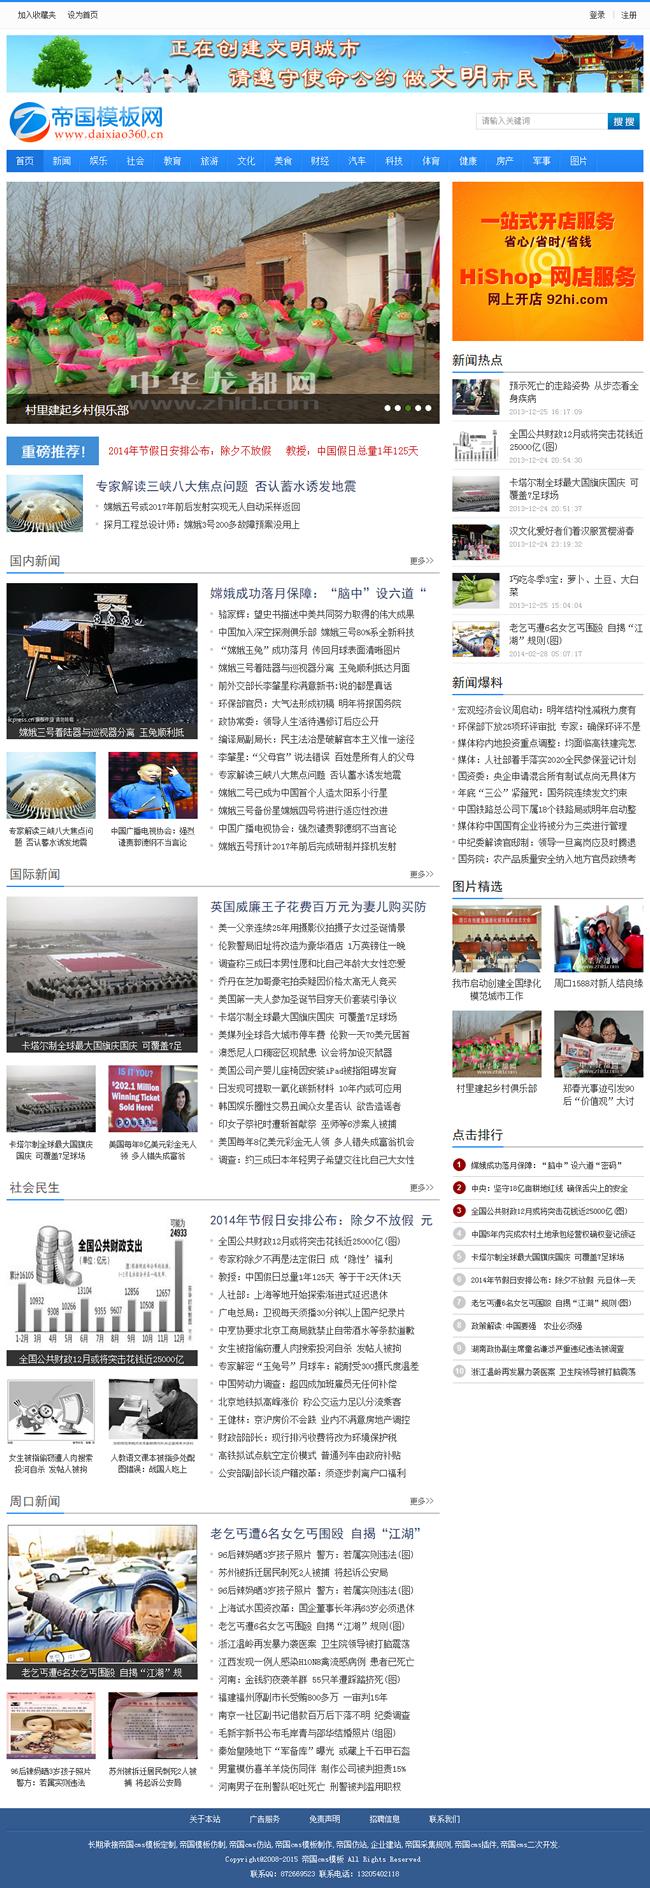 帝国cms新闻资讯门户网站模板_新闻封面